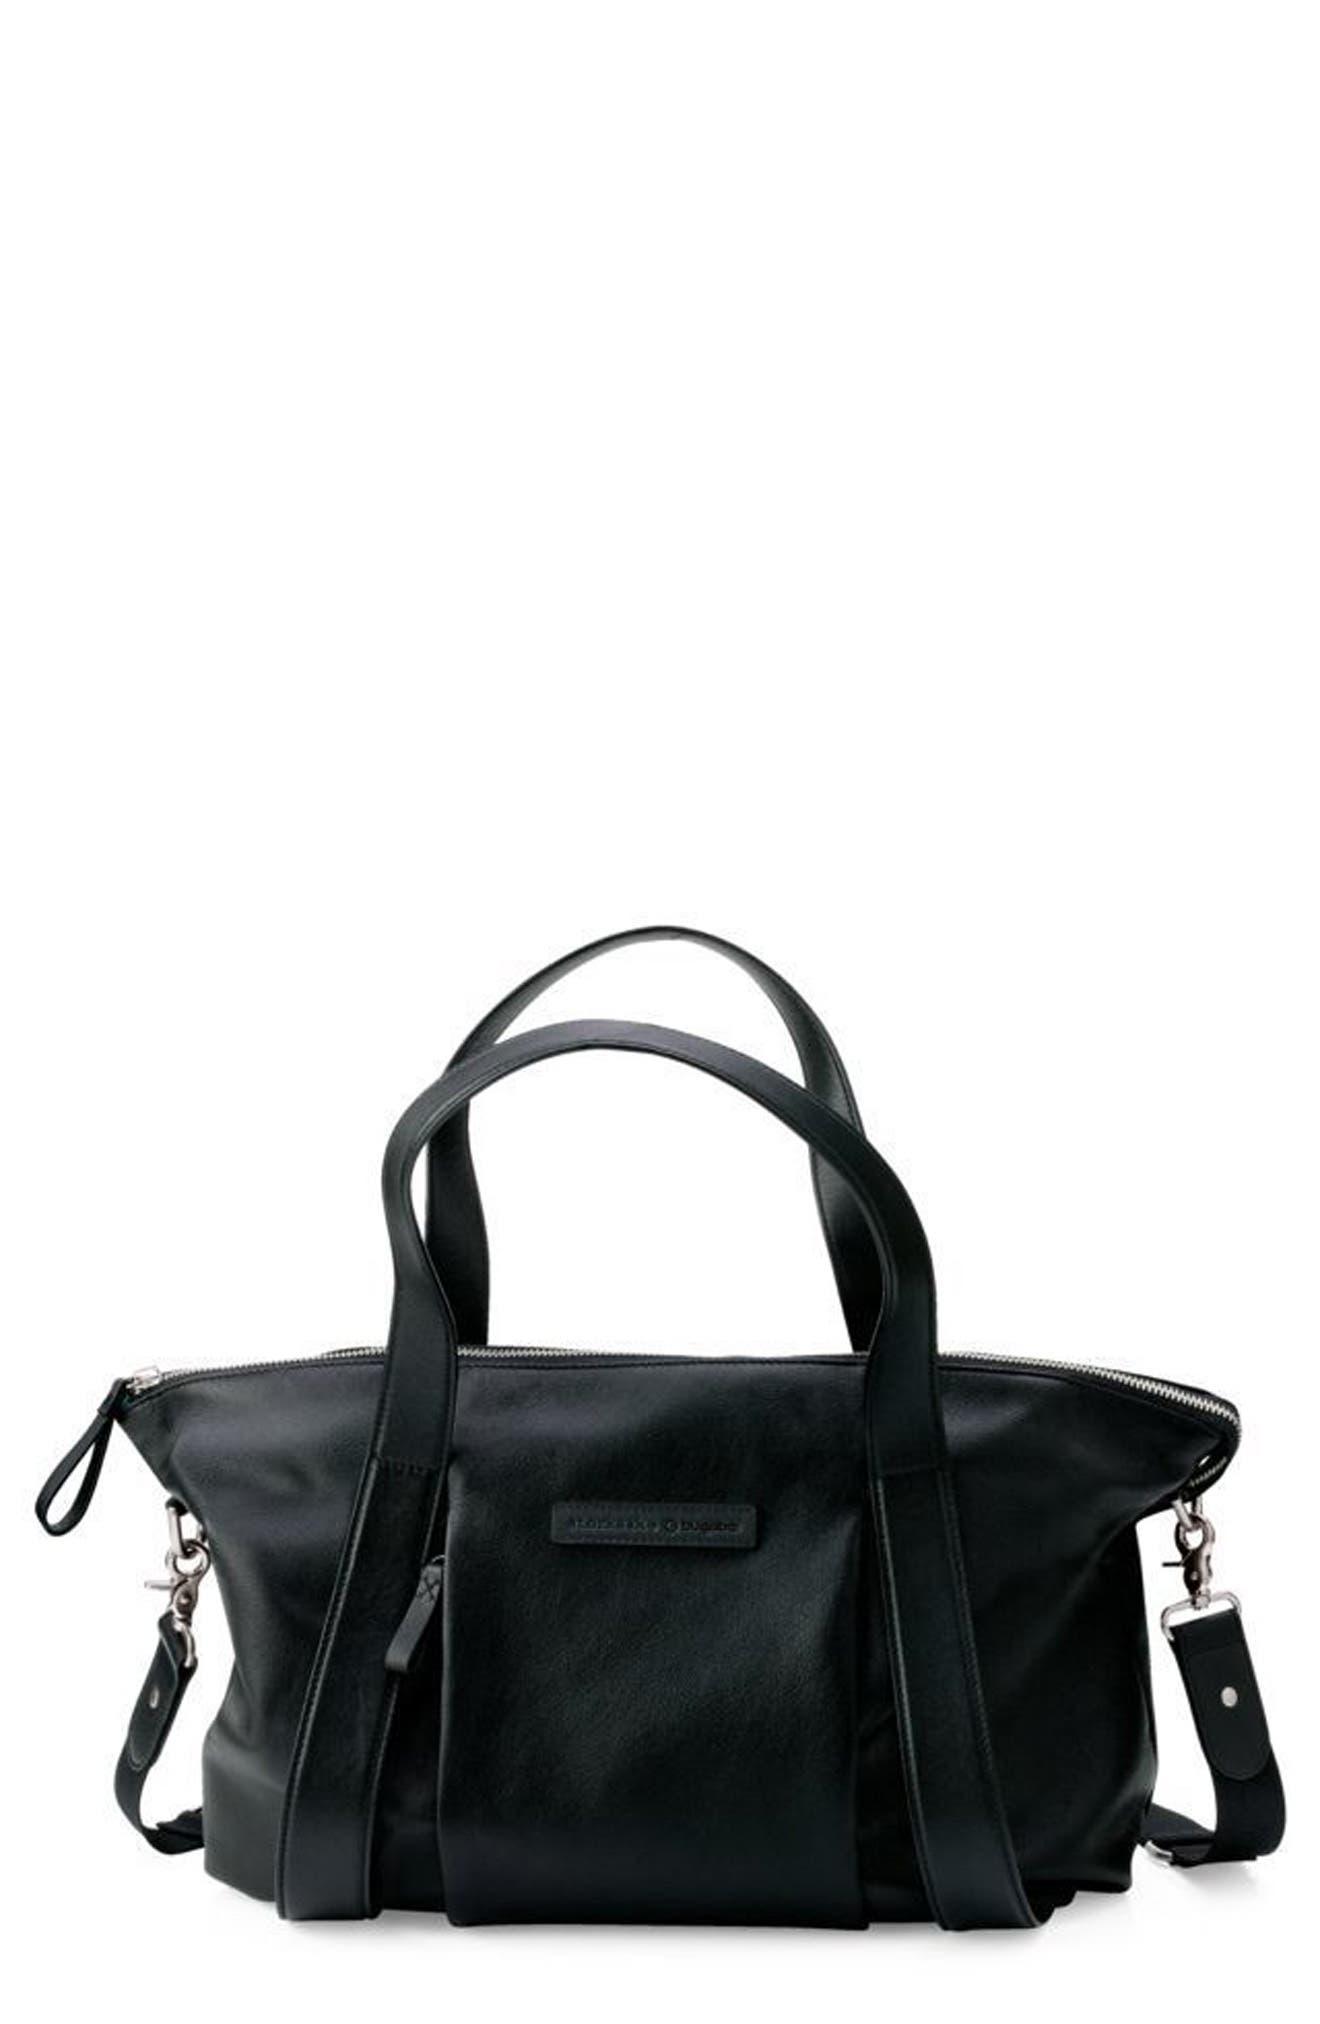 x Storksak Leather Diaper Tote Bag,                             Main thumbnail 1, color,                             Black